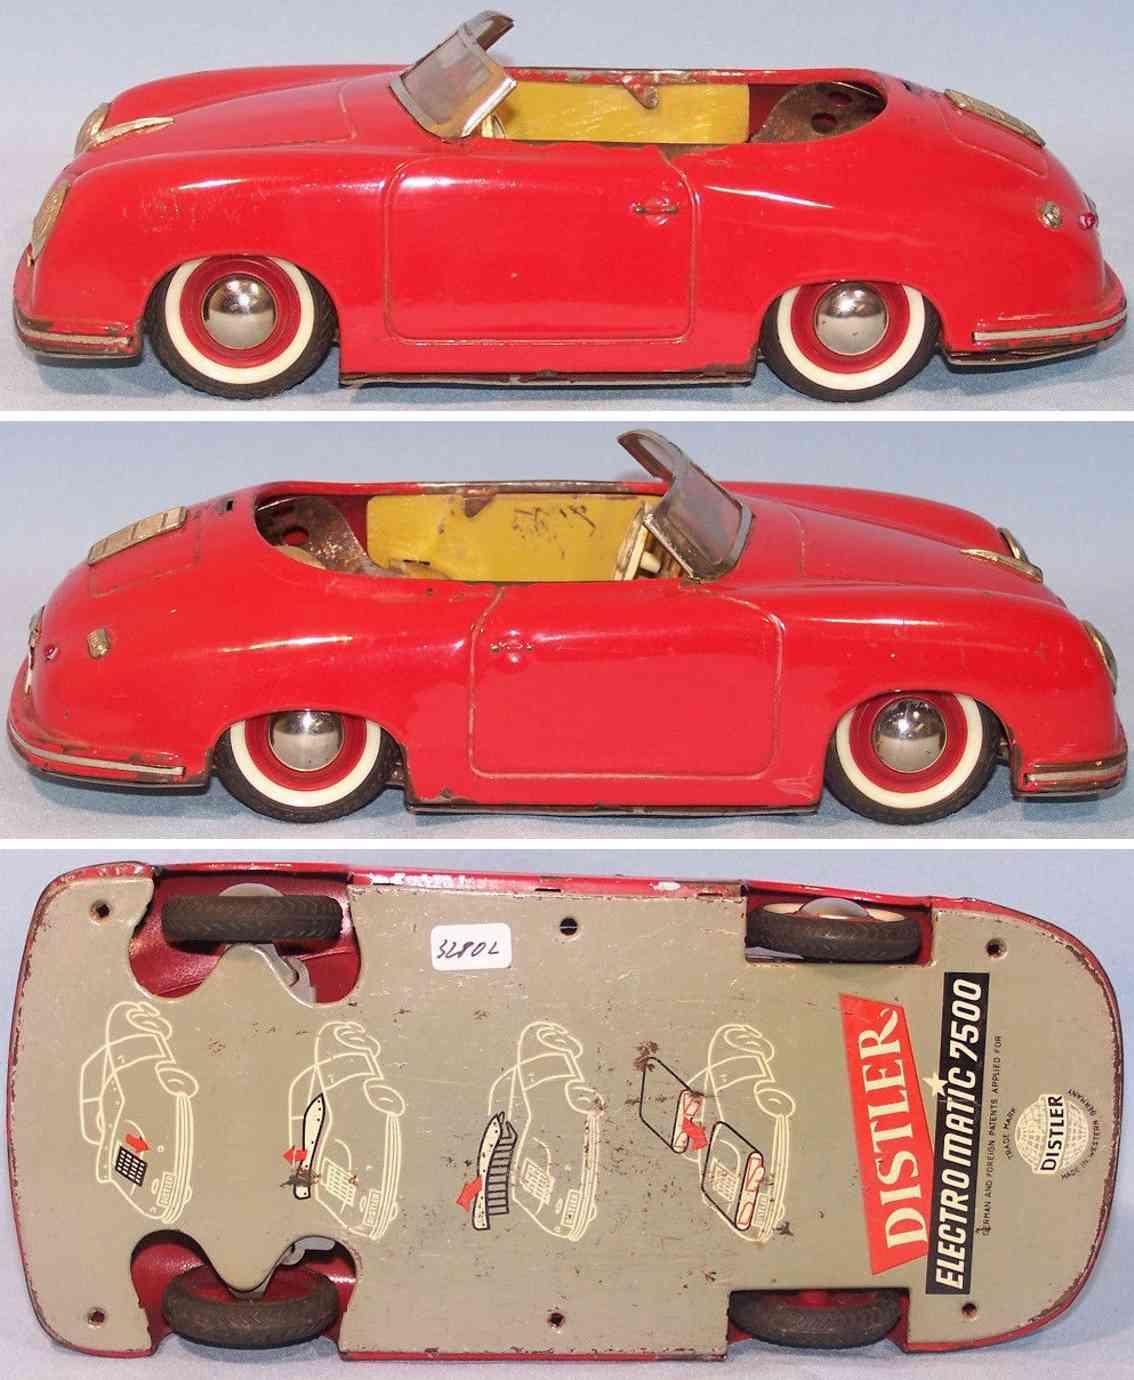 distler johann 7500 tin toy car porsche 365 red